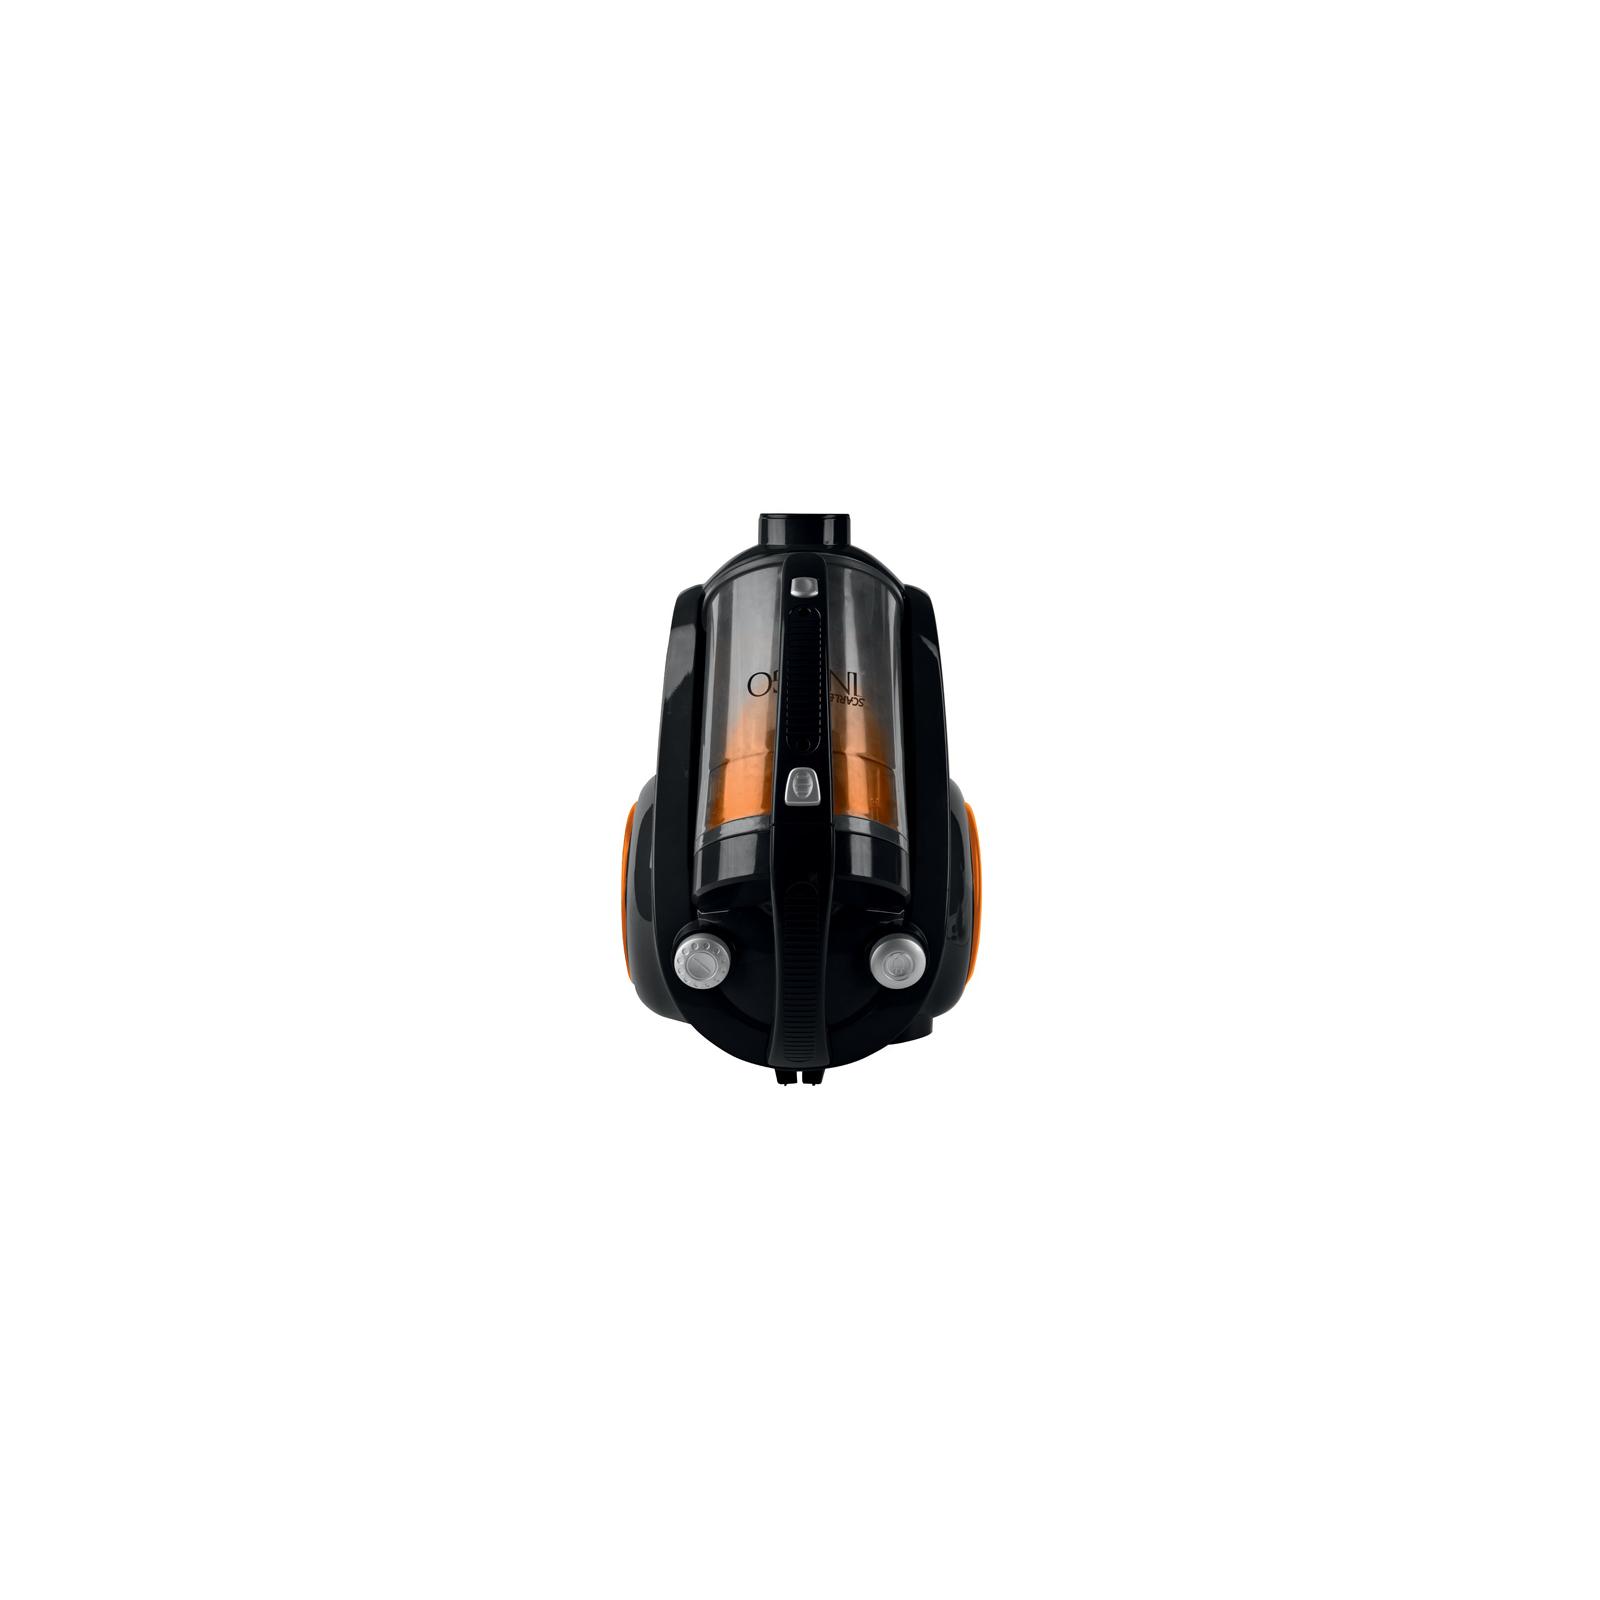 Пылесос SCARLETT IS-580 изображение 2